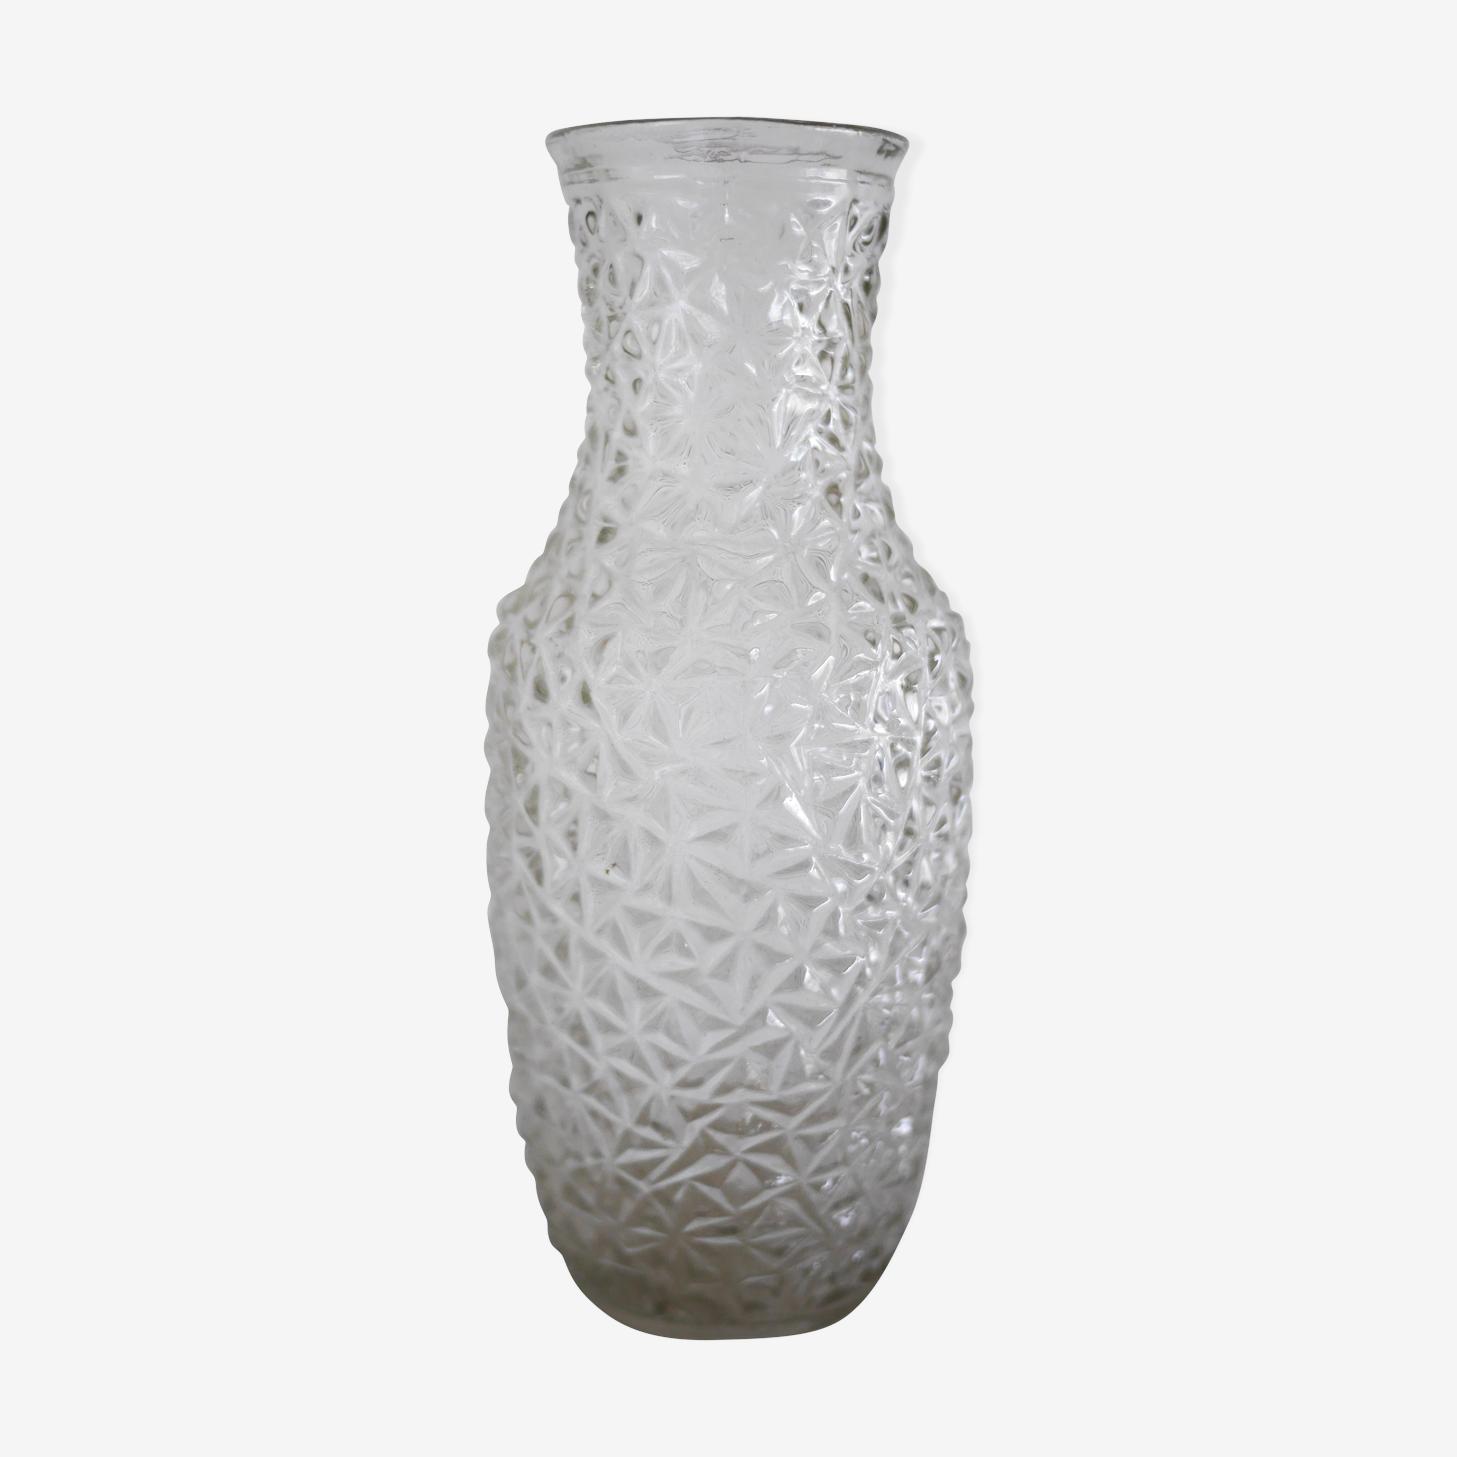 Molded glass vase